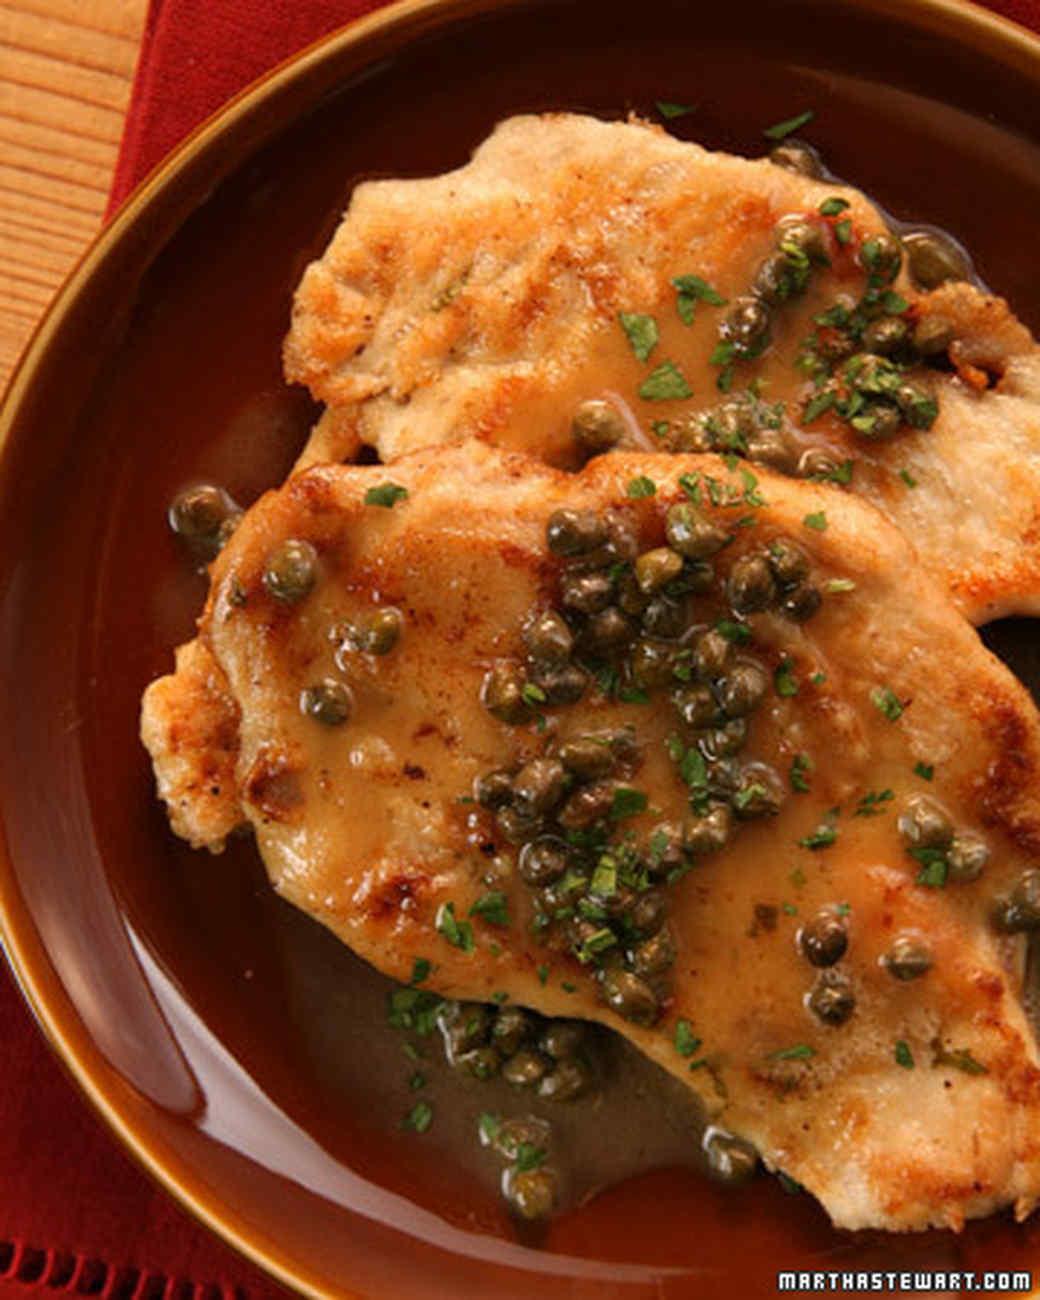 Chicken scallopine recipe video martha stewart Olive garden chicken piccata recipe